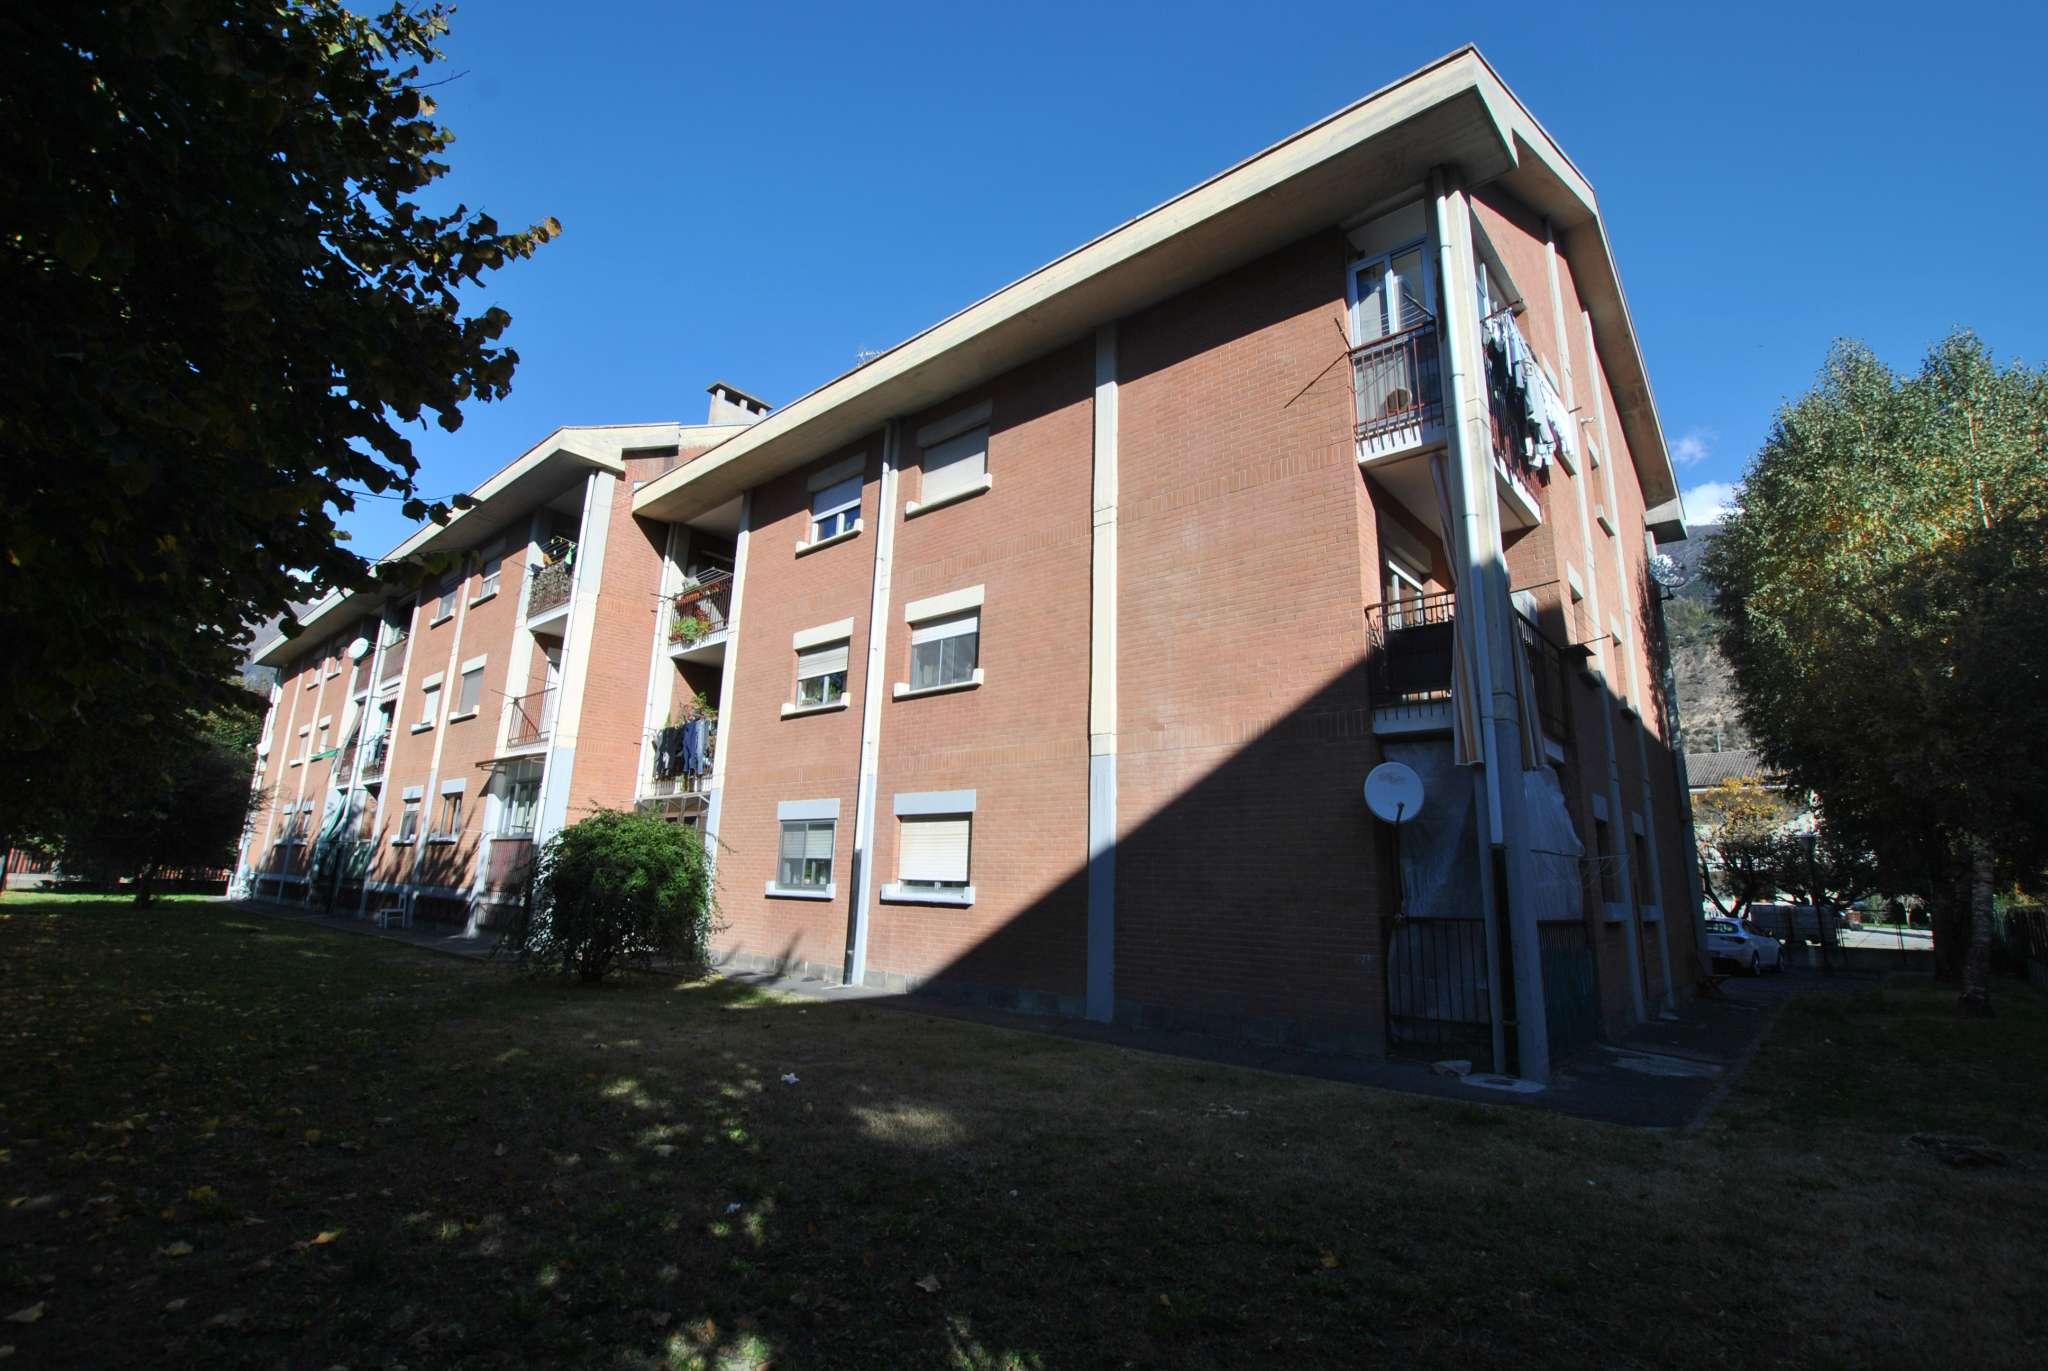 Appartamento in vendita a Susa, 4 locali, prezzo € 98.000 | CambioCasa.it